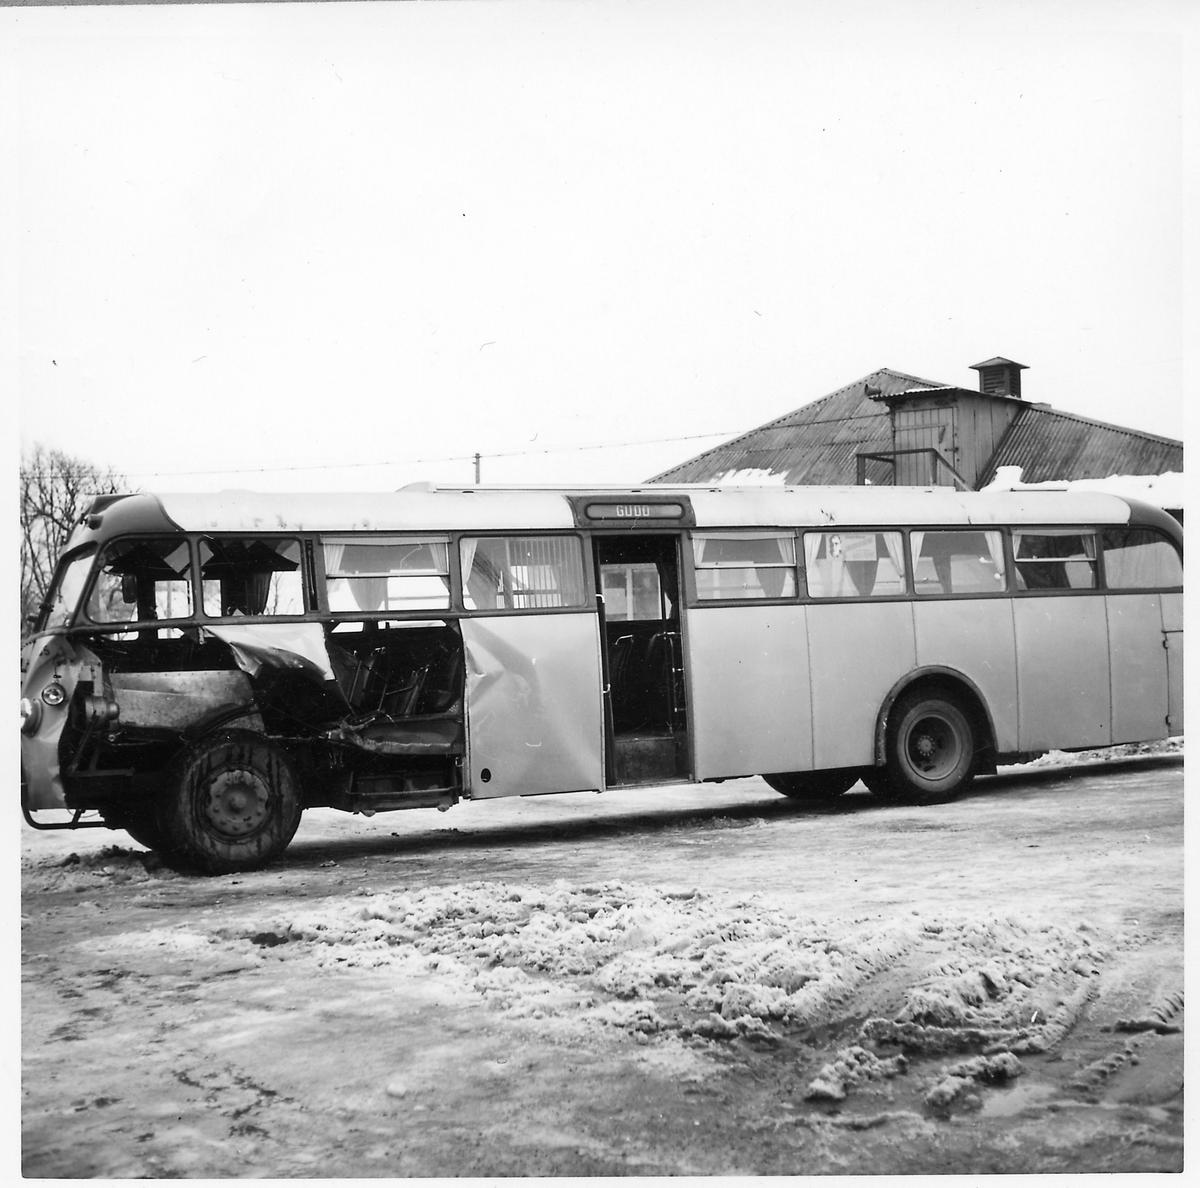 Kollisionskadad buss, Statens Järnvägars, SJ buss 135.